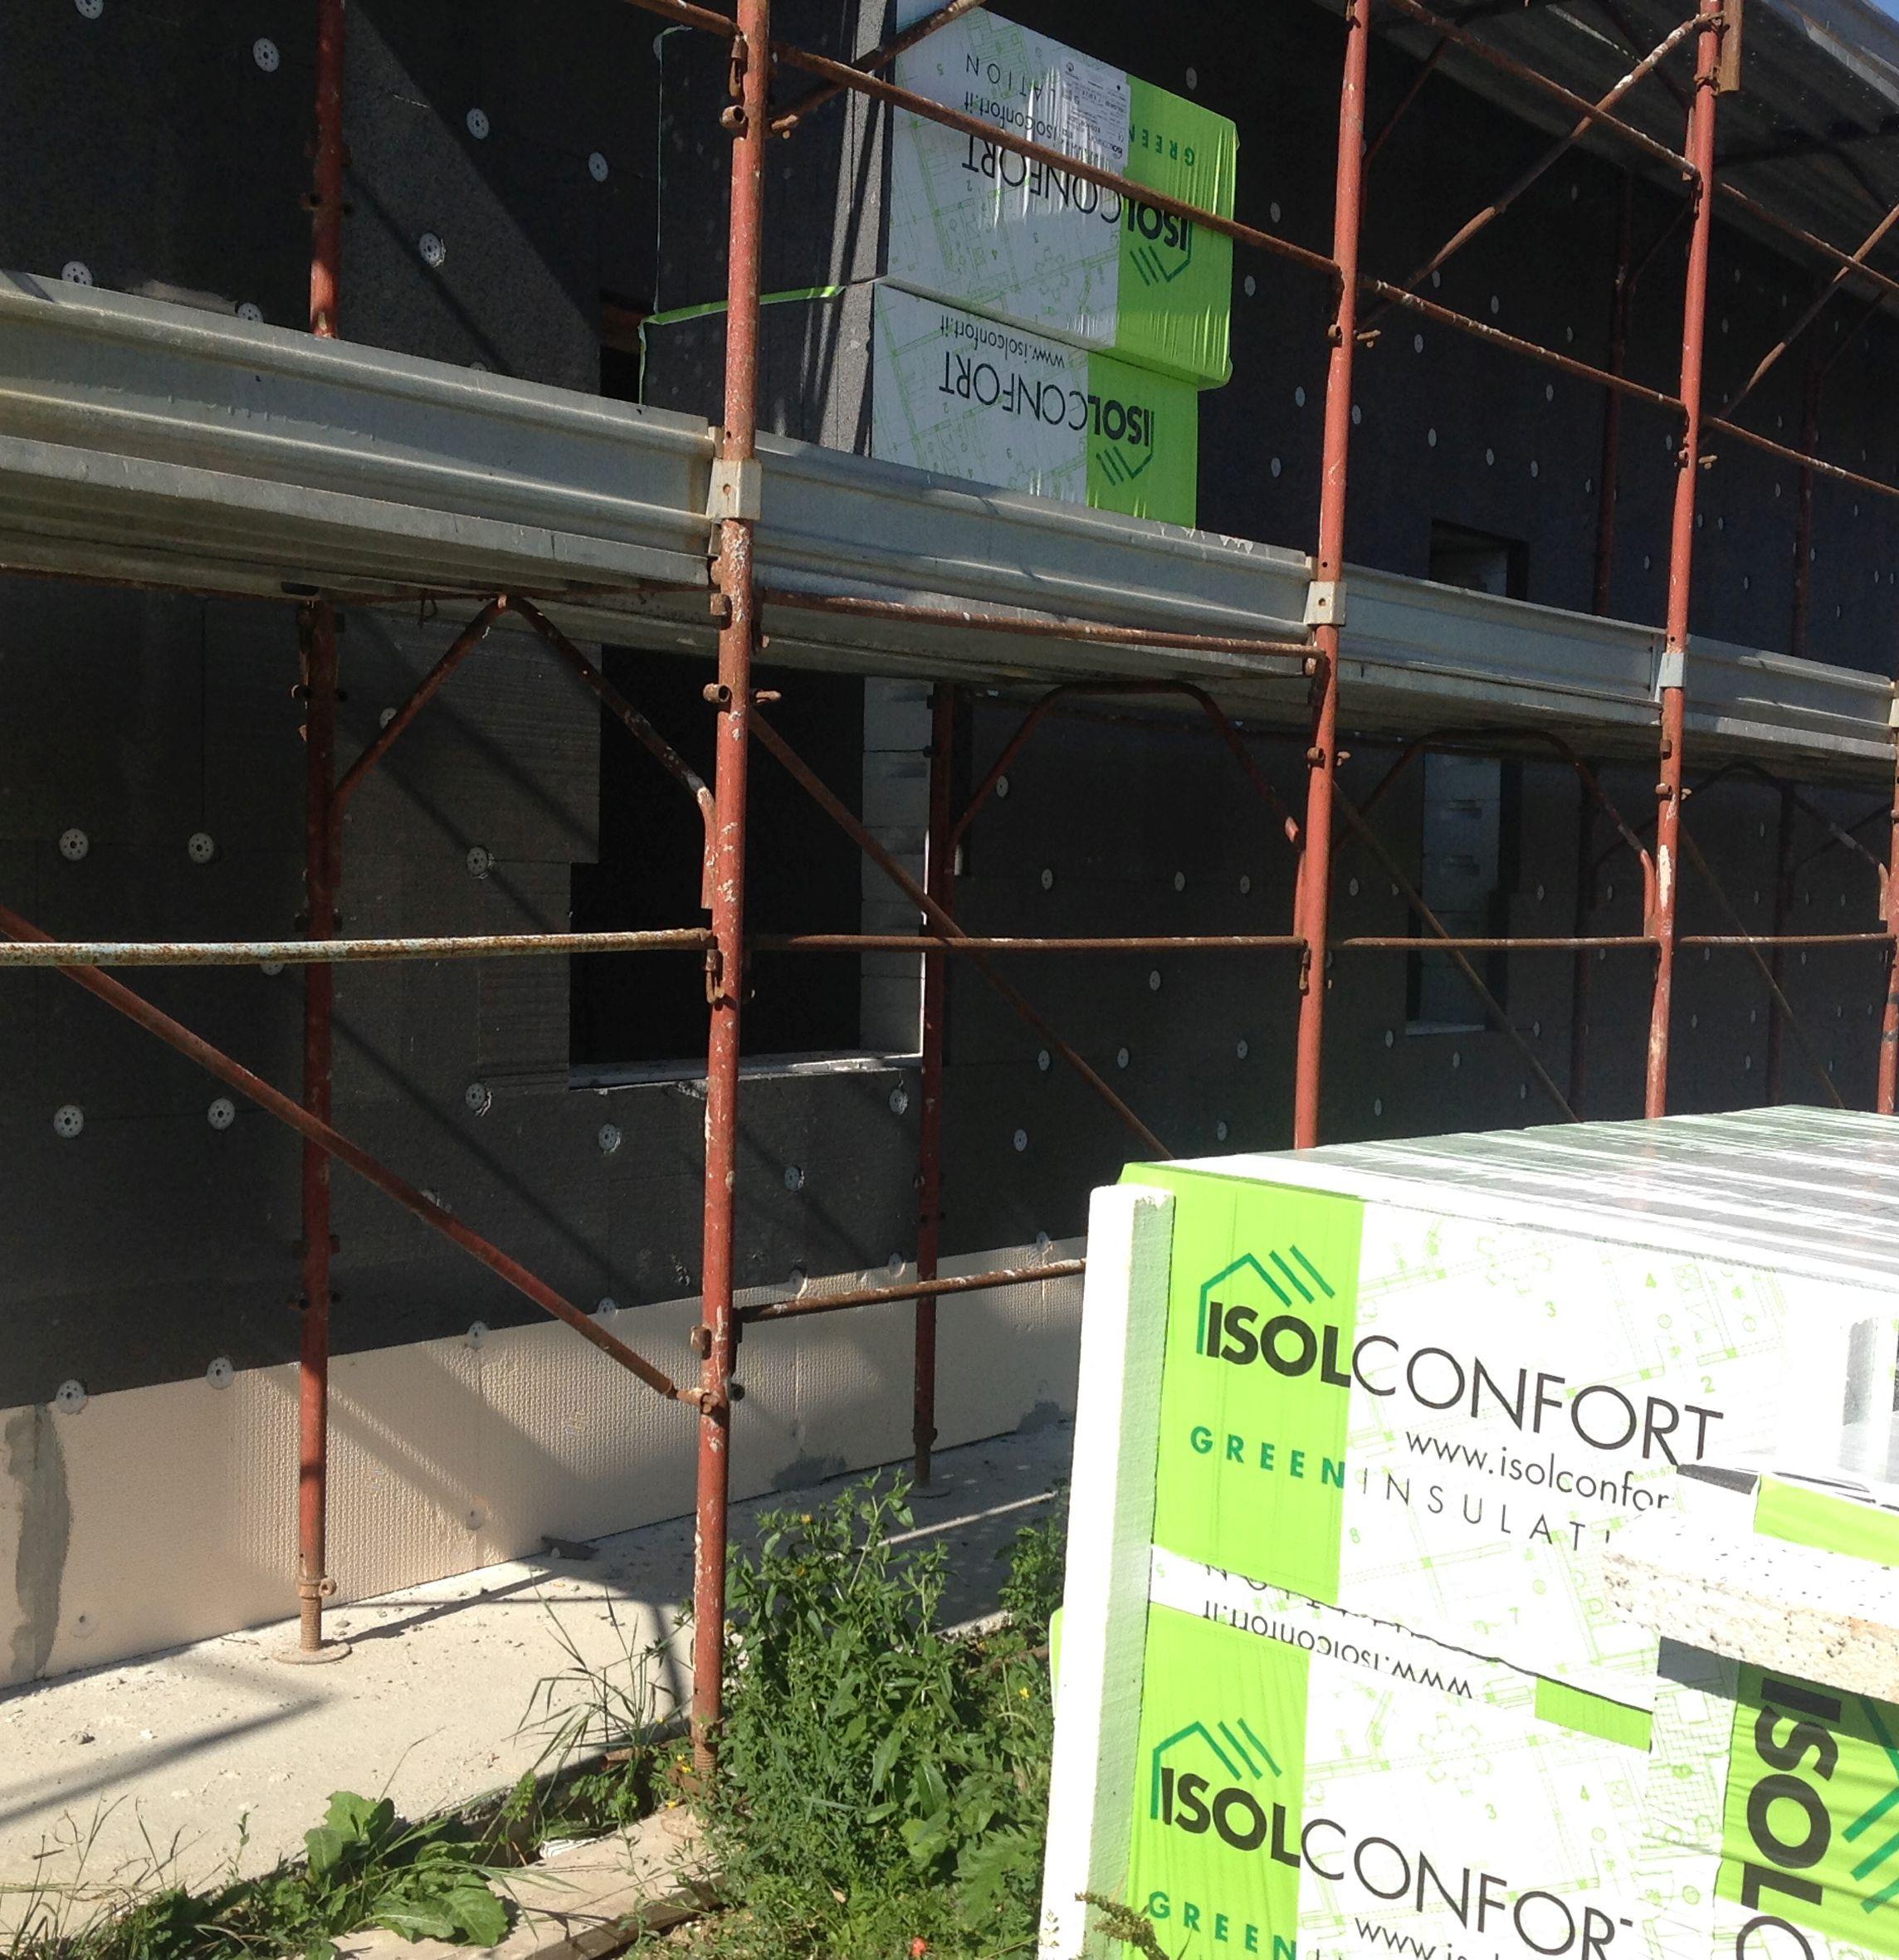 Pannelli Eco Dur Zeta e eco por G031 di Isolconfort per l'isolamento termico delle pareti